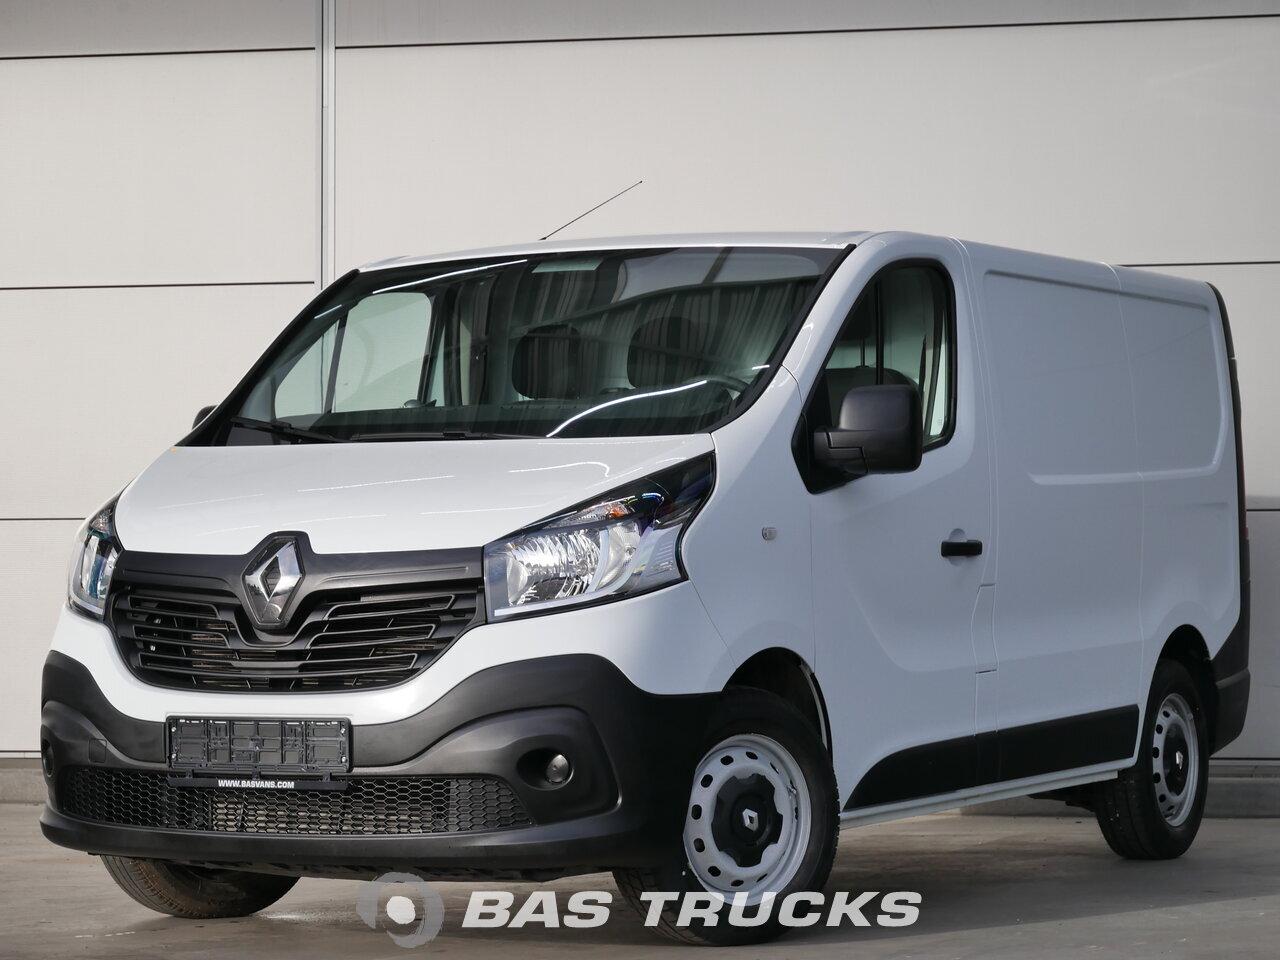 renault trafic light commercial vehicle 13900 bas vans. Black Bedroom Furniture Sets. Home Design Ideas